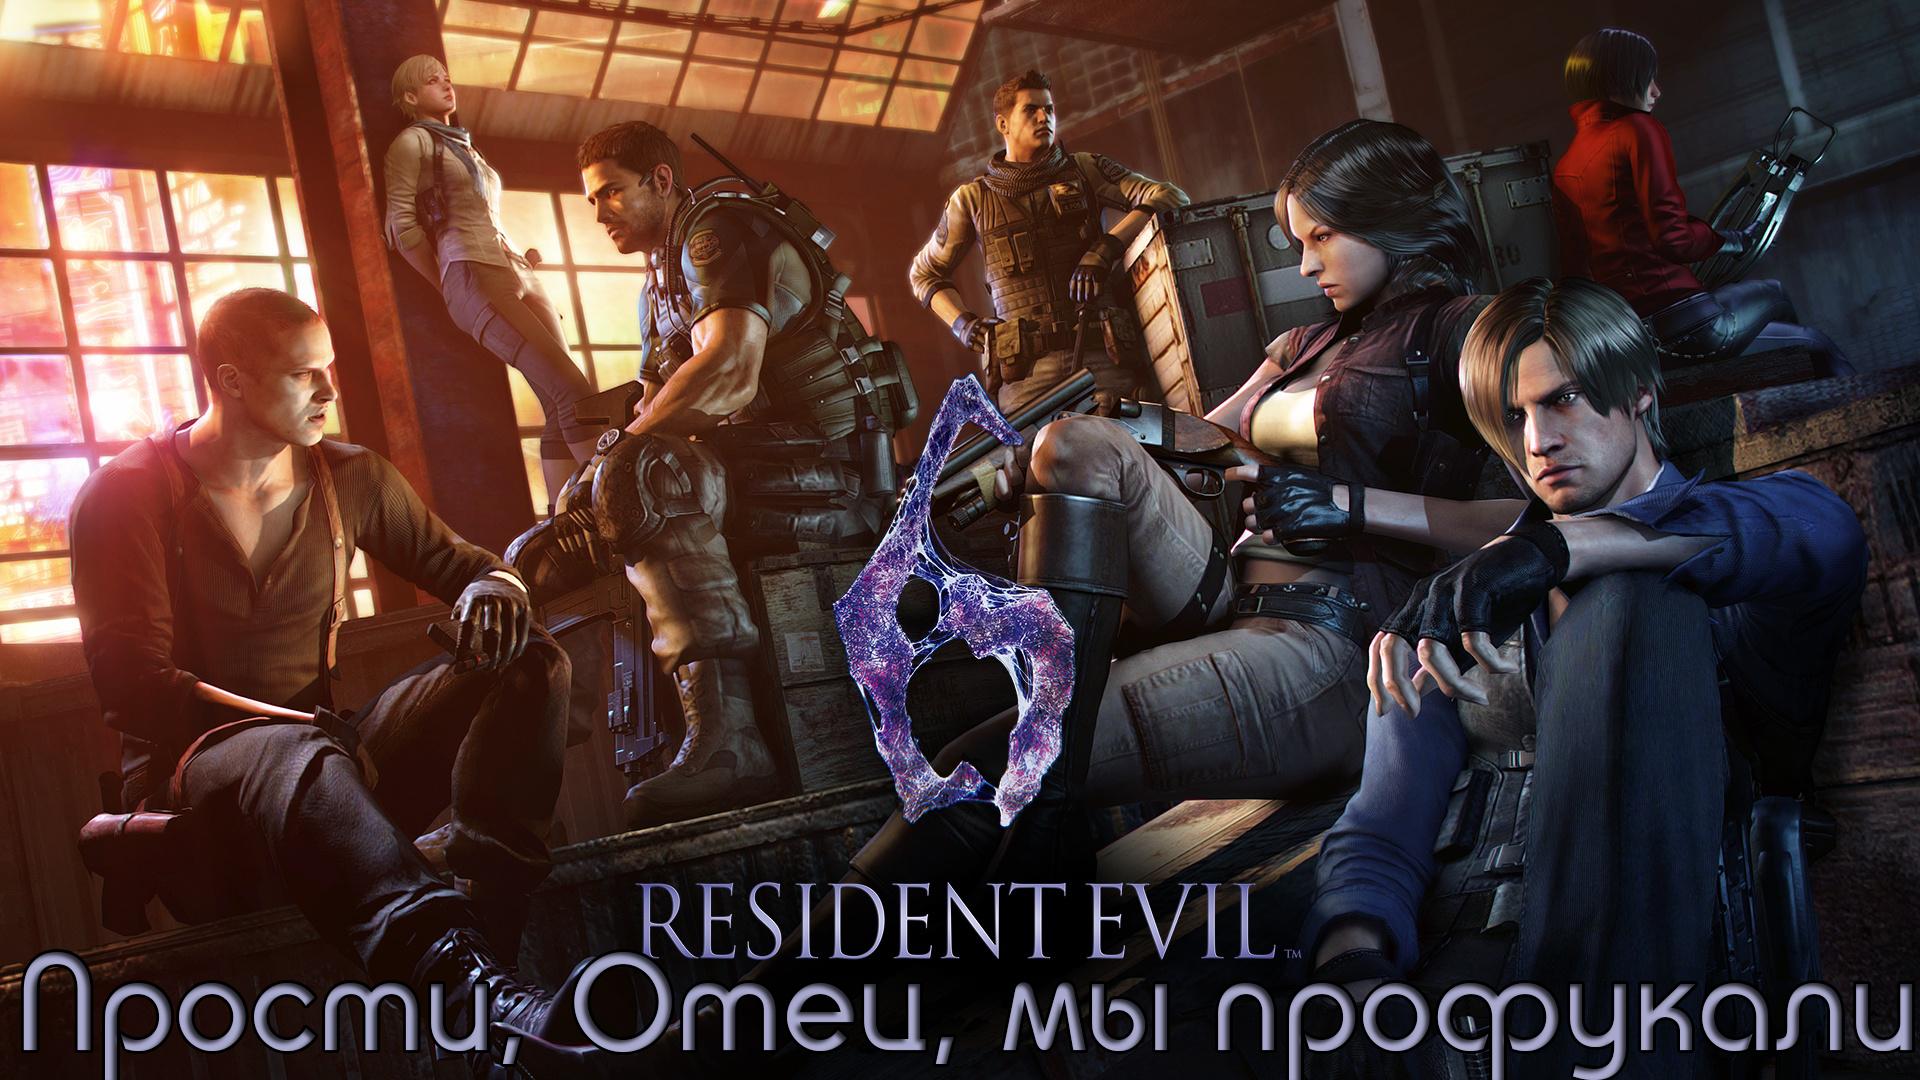 Прости, Отец, мы профукали Resident Evil 6 [часть 3]. - Изображение 1